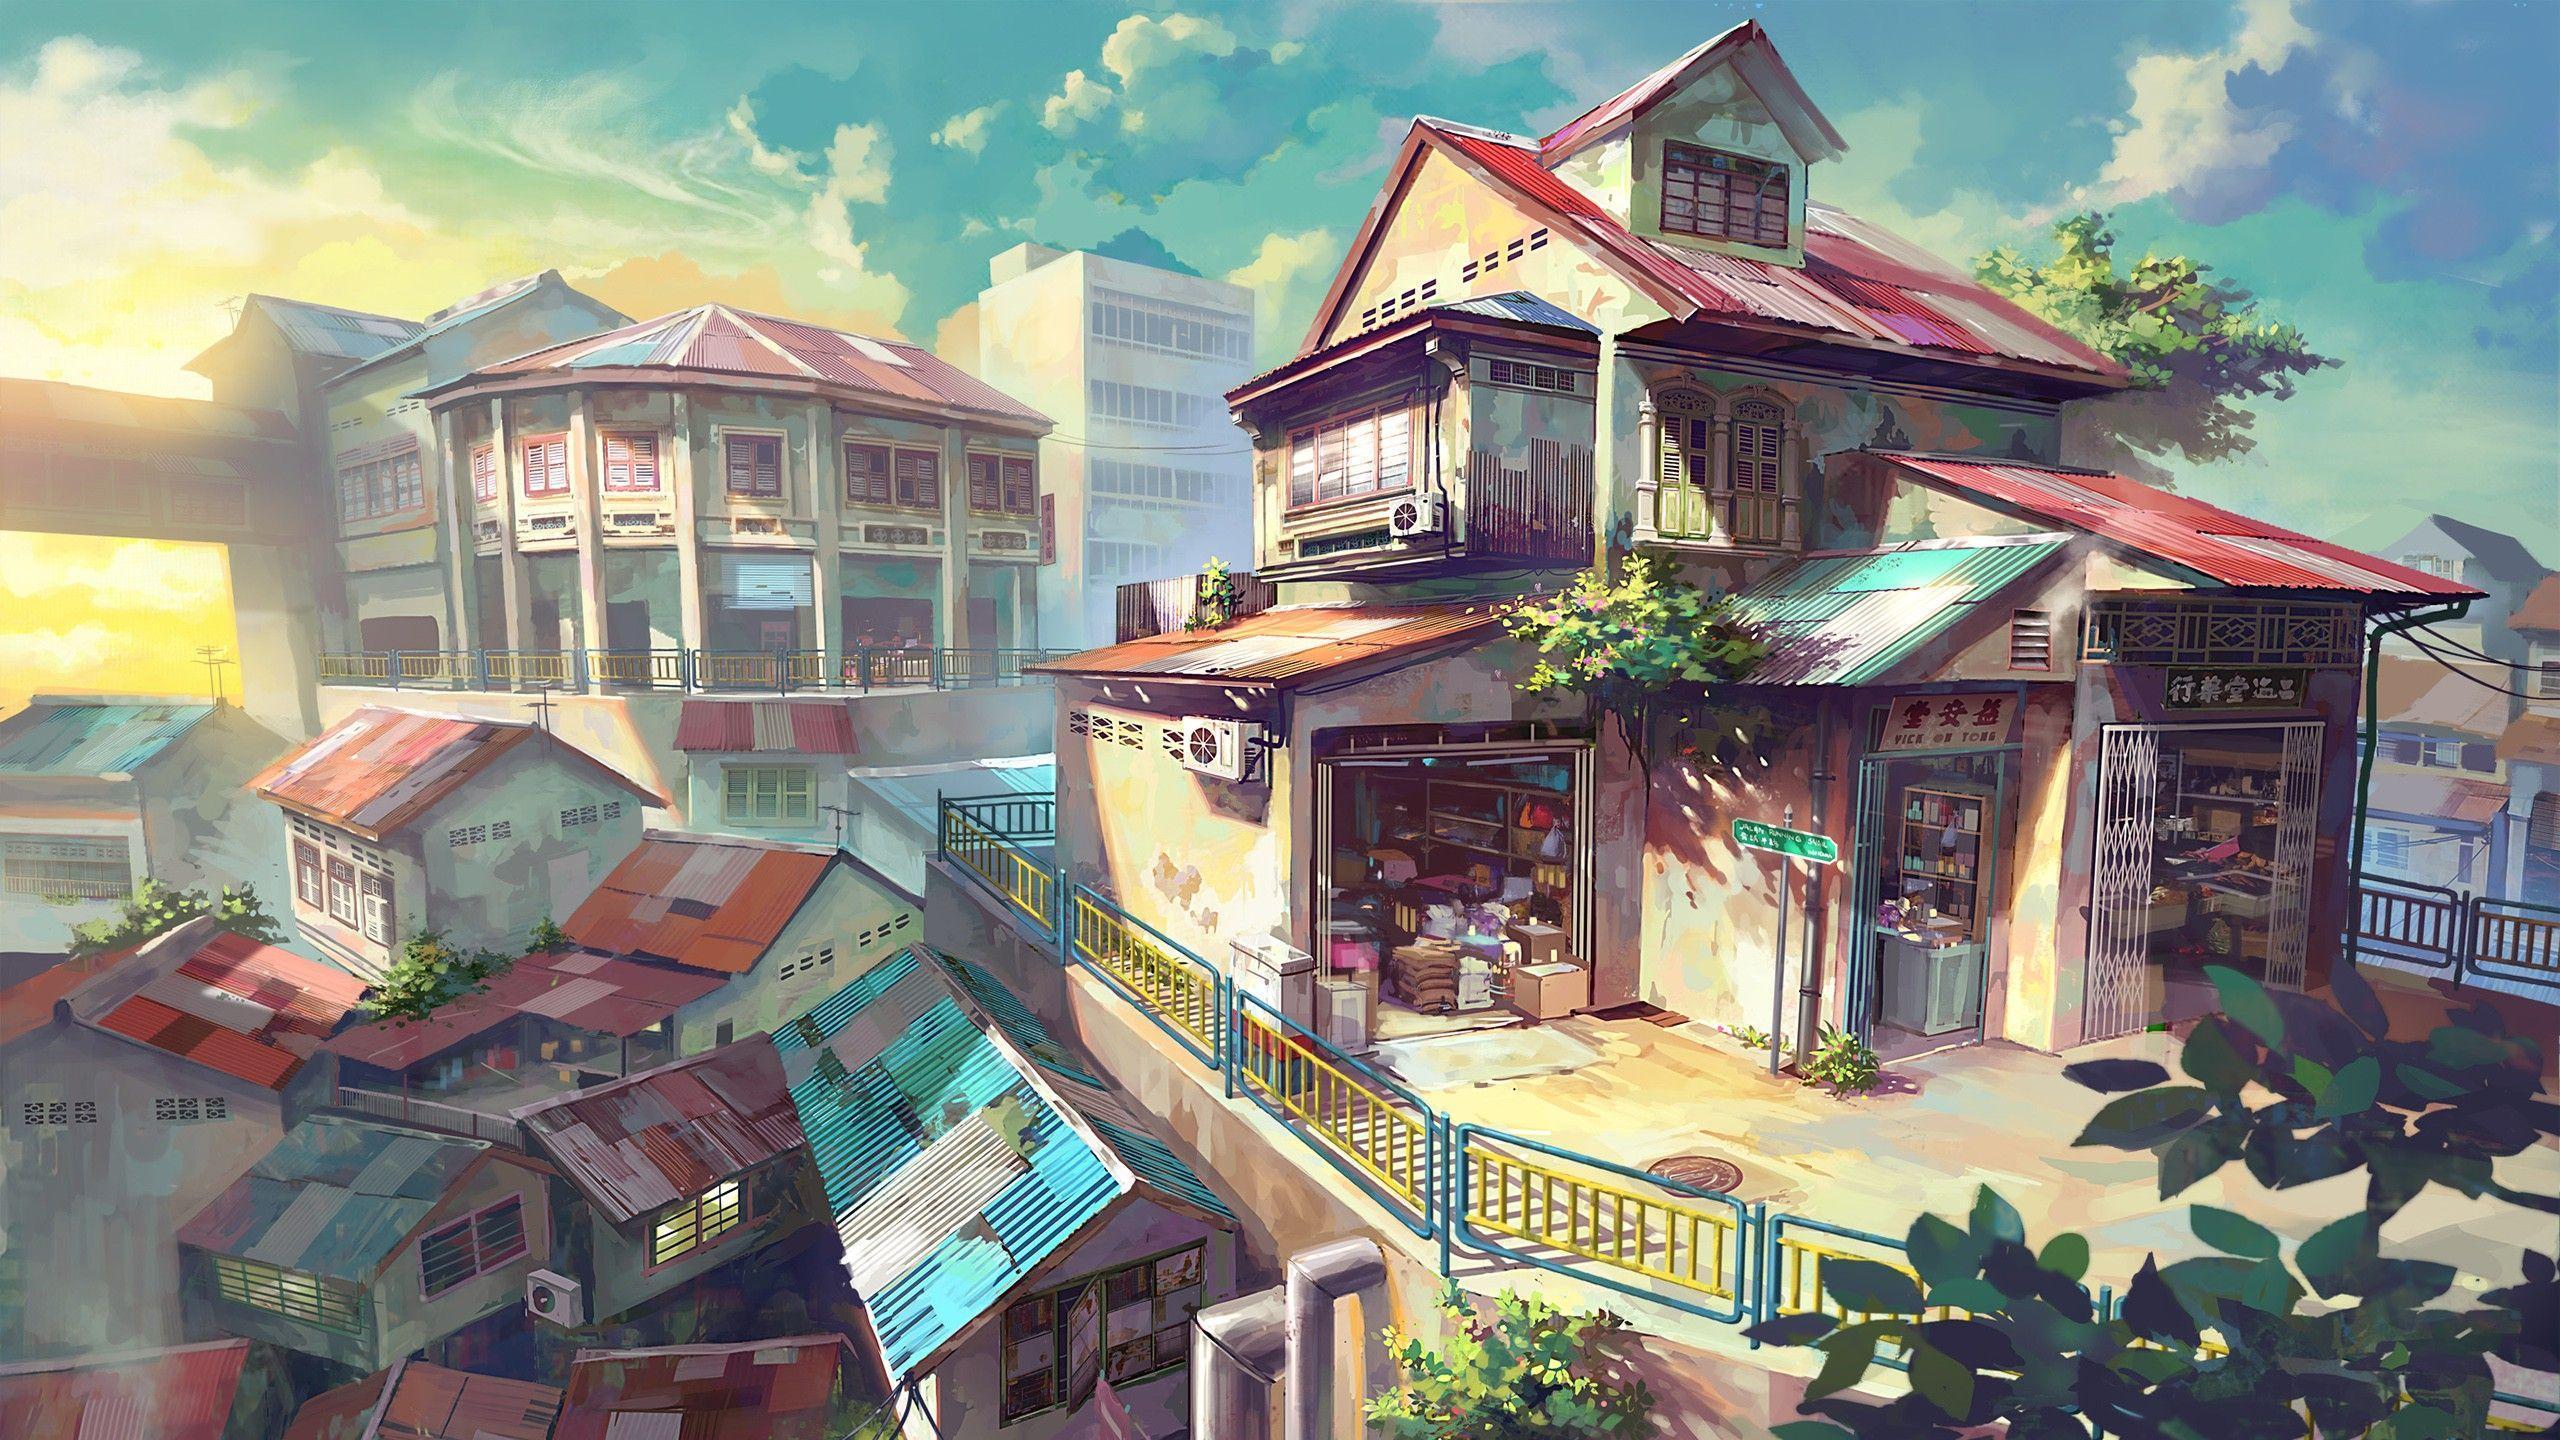 anime landscape wallpaper 4k